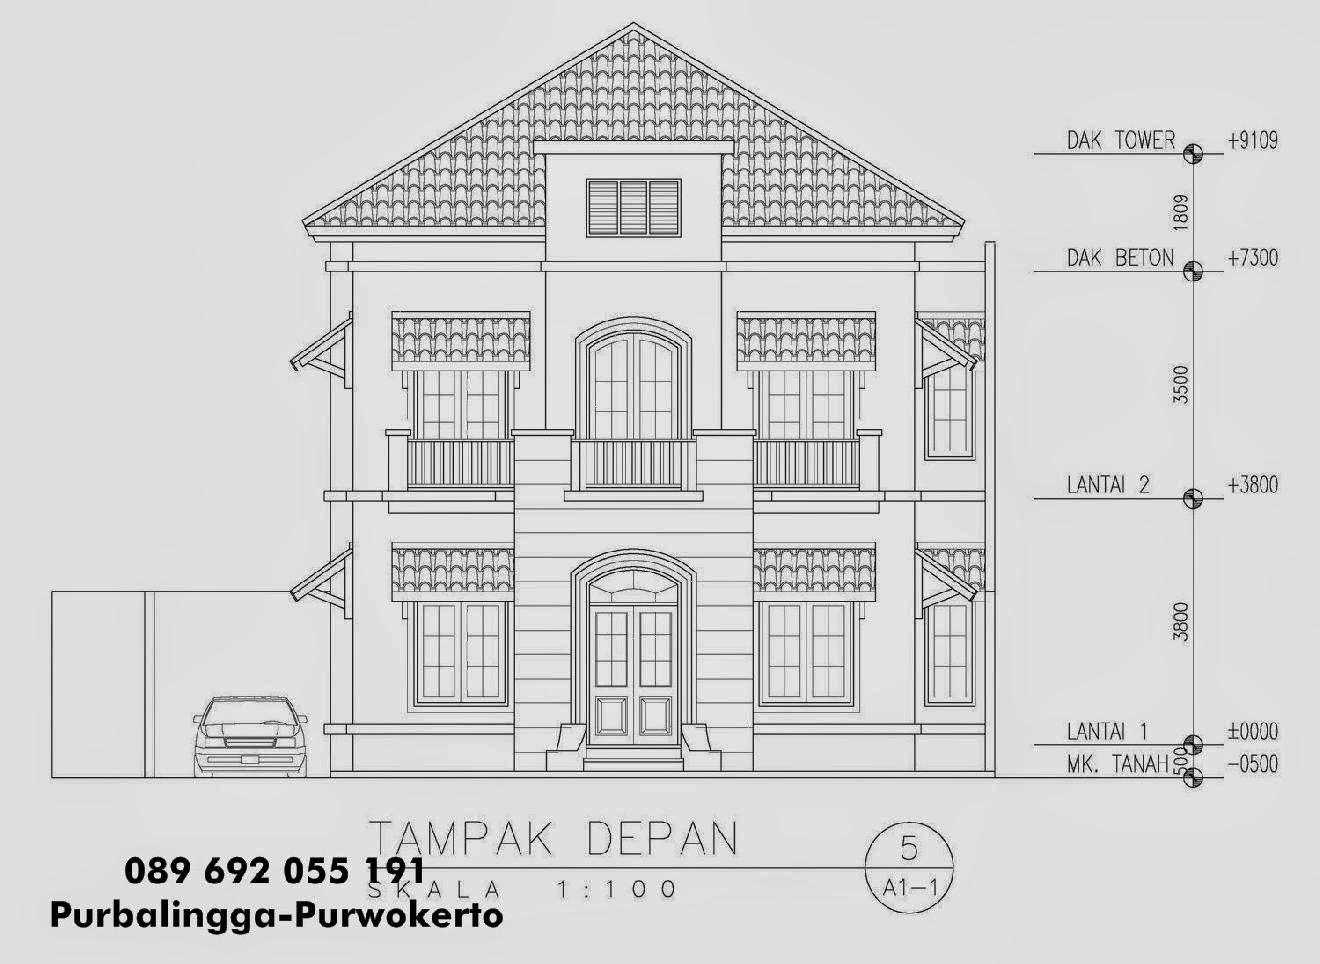 Galeri Contoh Gambar Rumah 3d Pensil Skipjpg